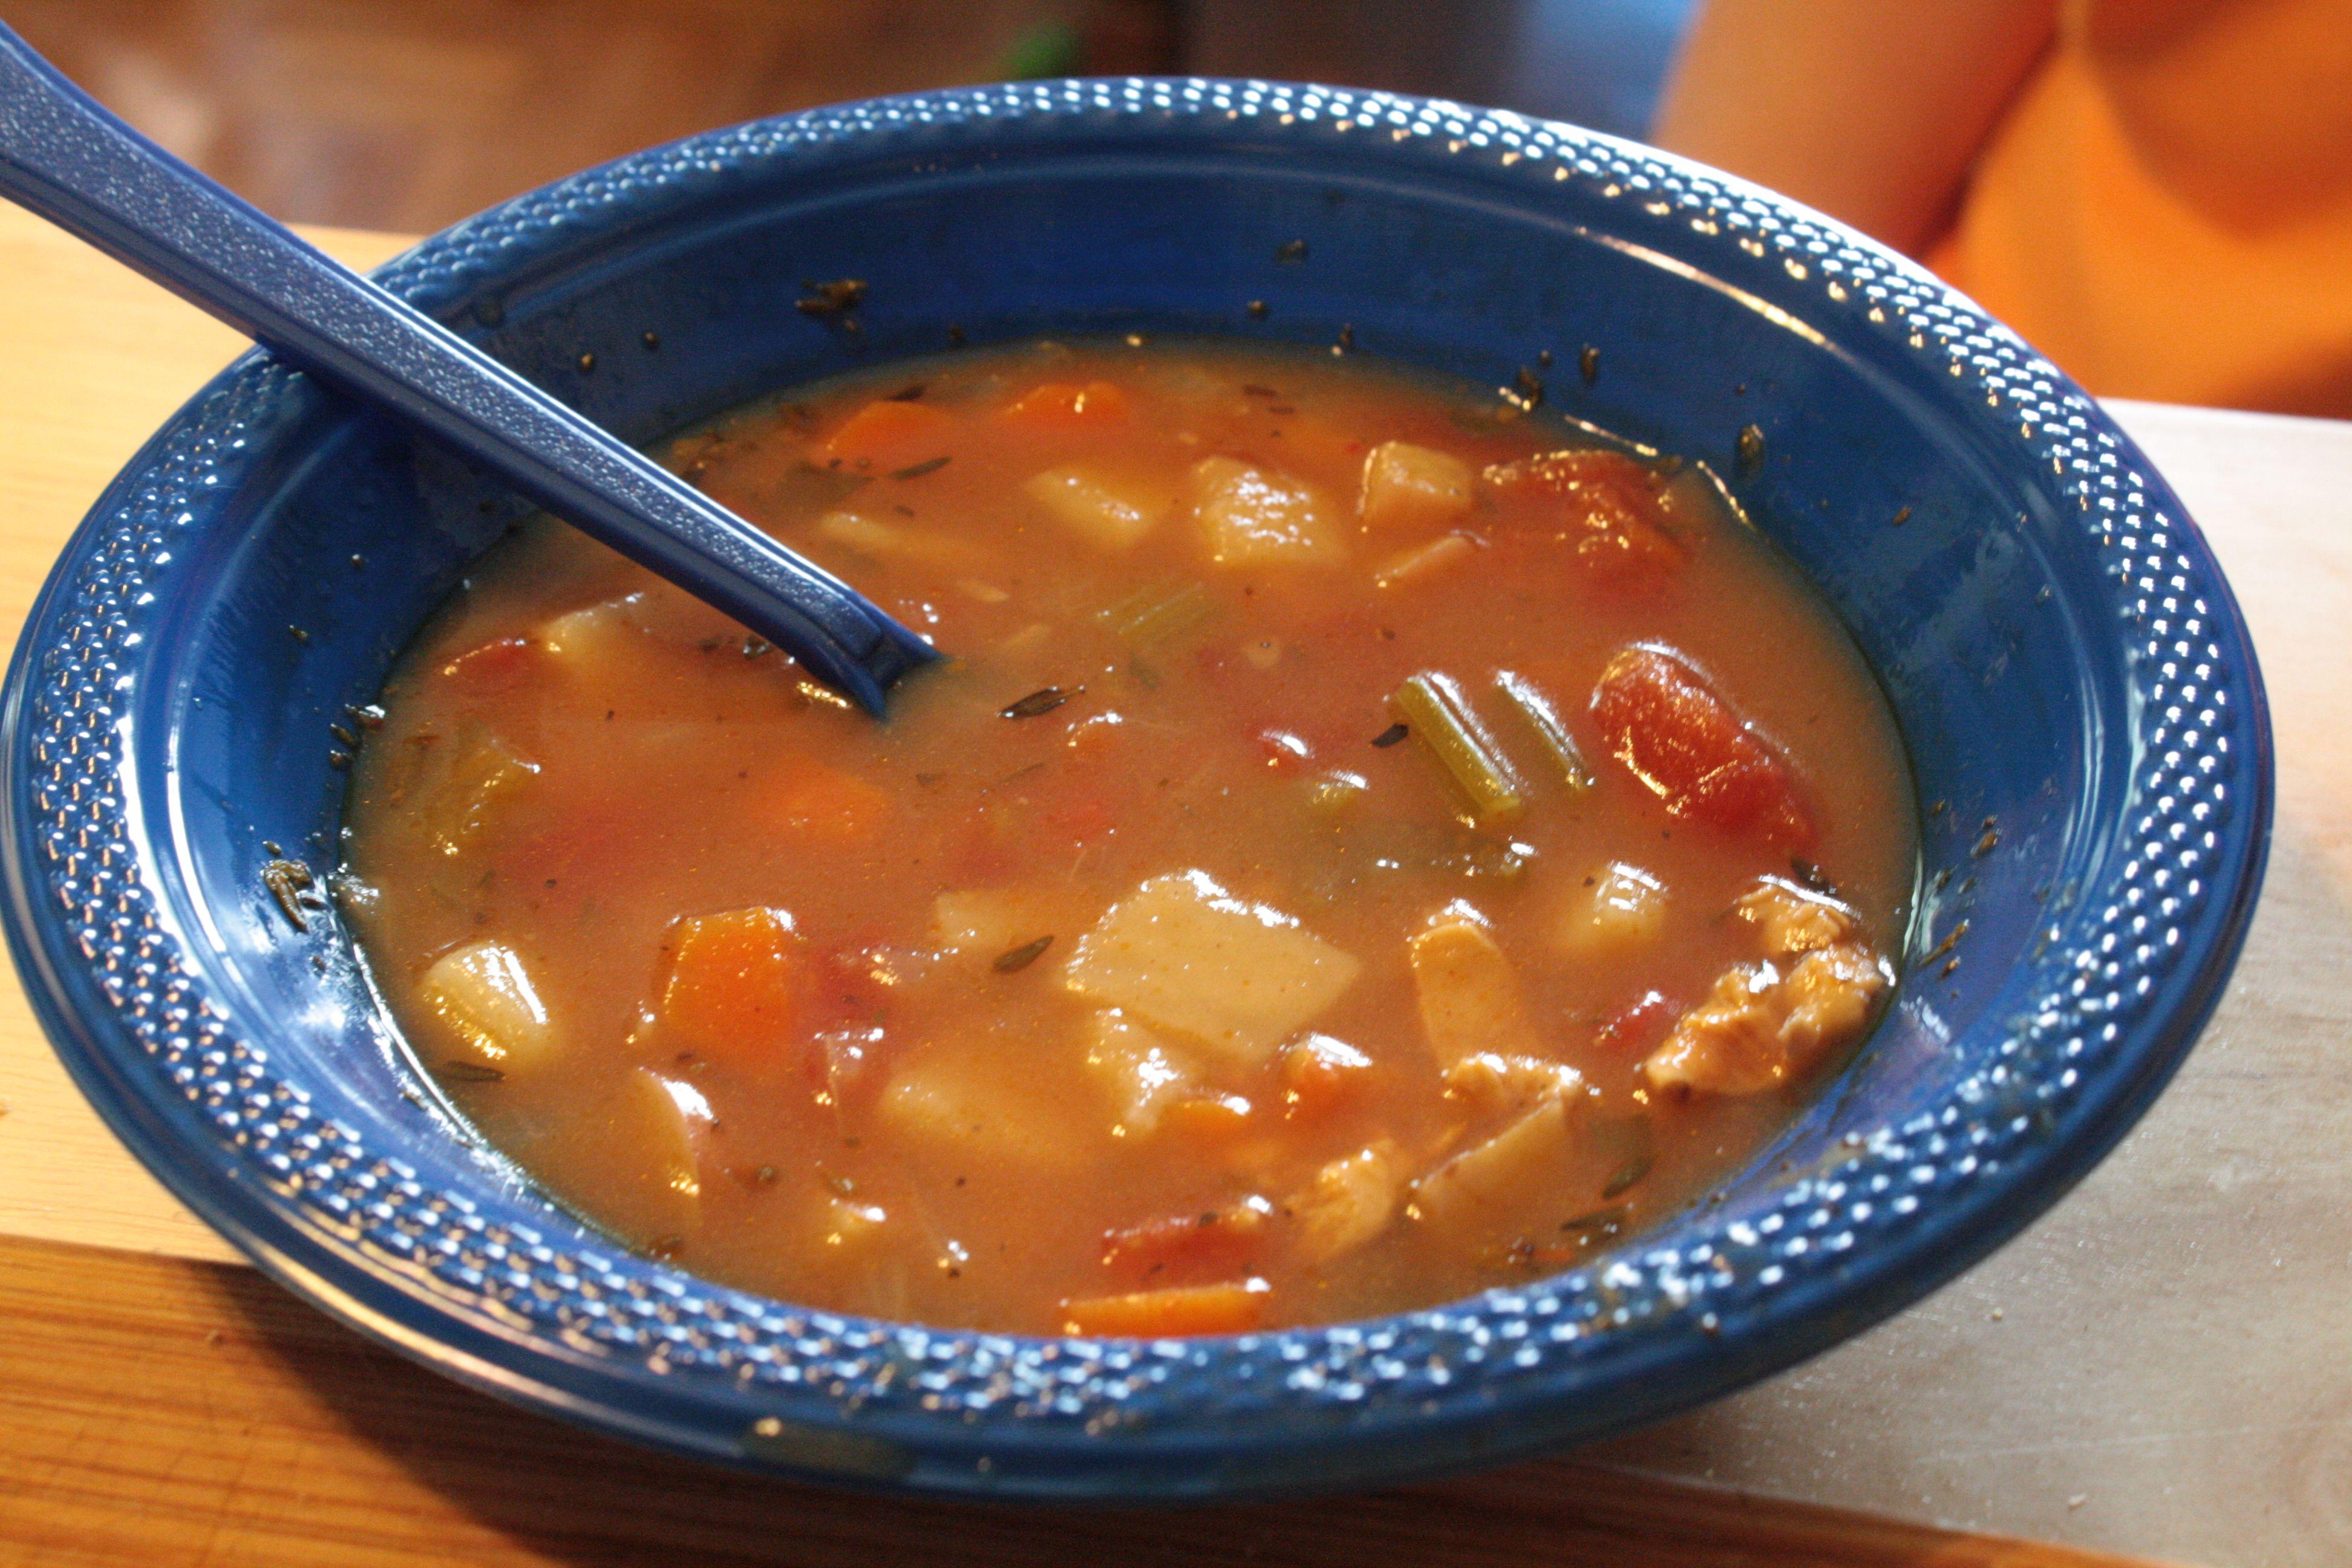 Manhattan clam chowder! My favvvv | Foodie | Pinterest